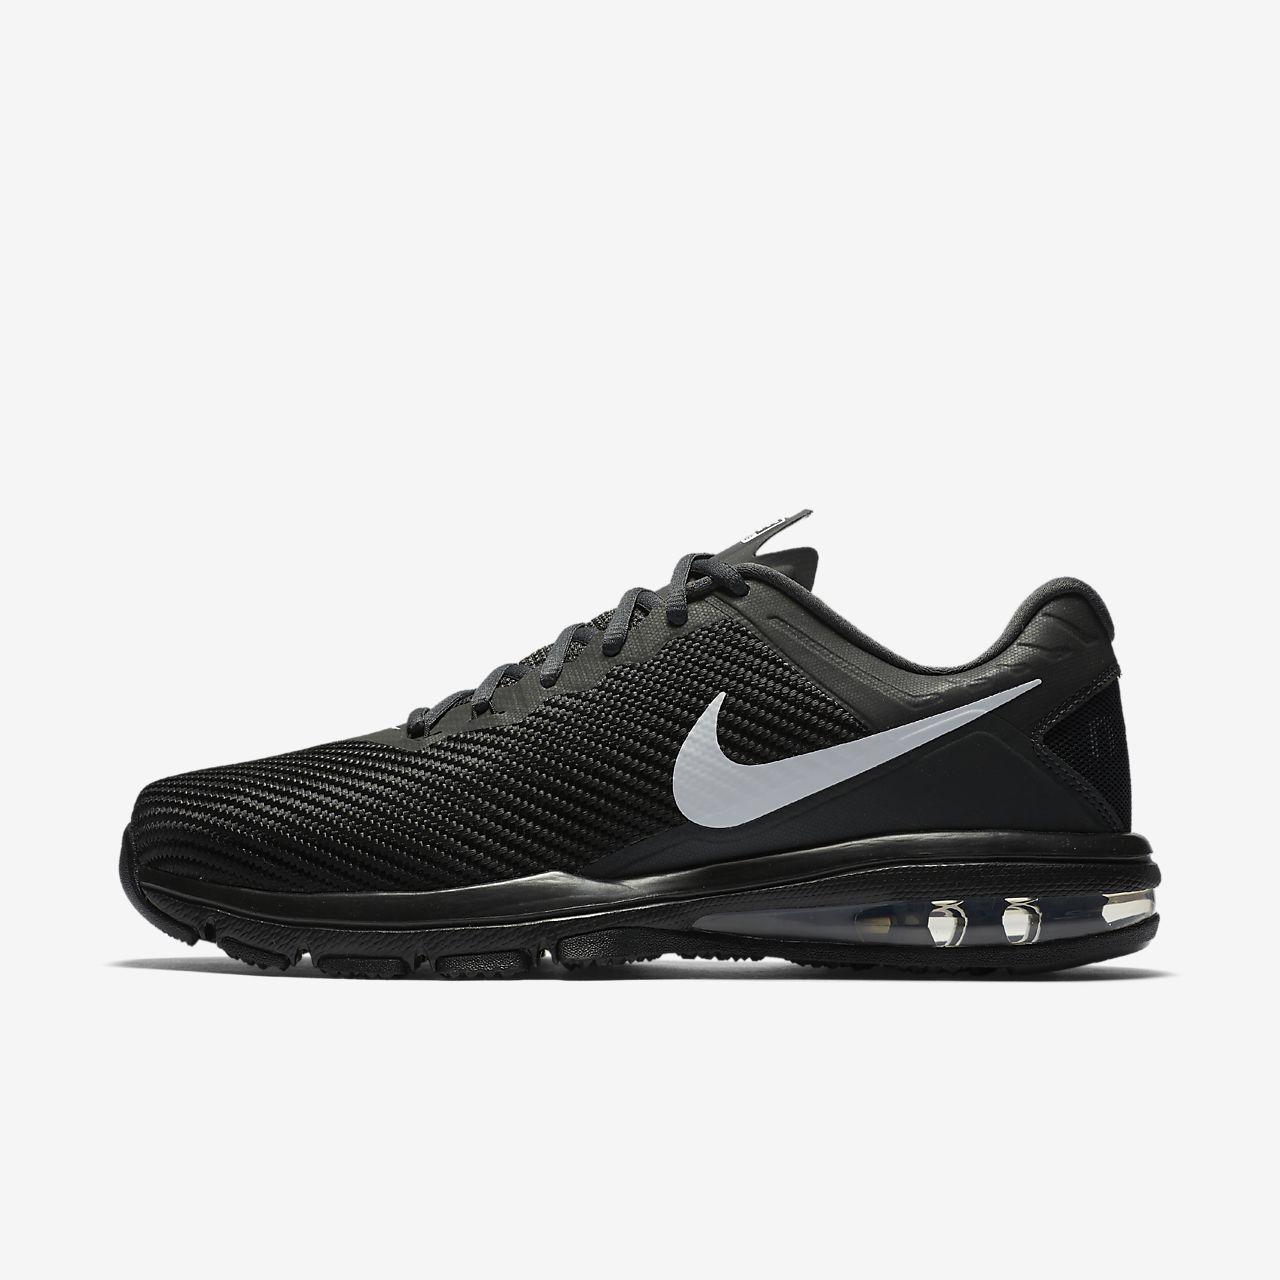 sports shoes a97dd d8d5d ... Nike Air Max Full Ride TR 1.5 Zapatillas de entrenamiento - Hombre